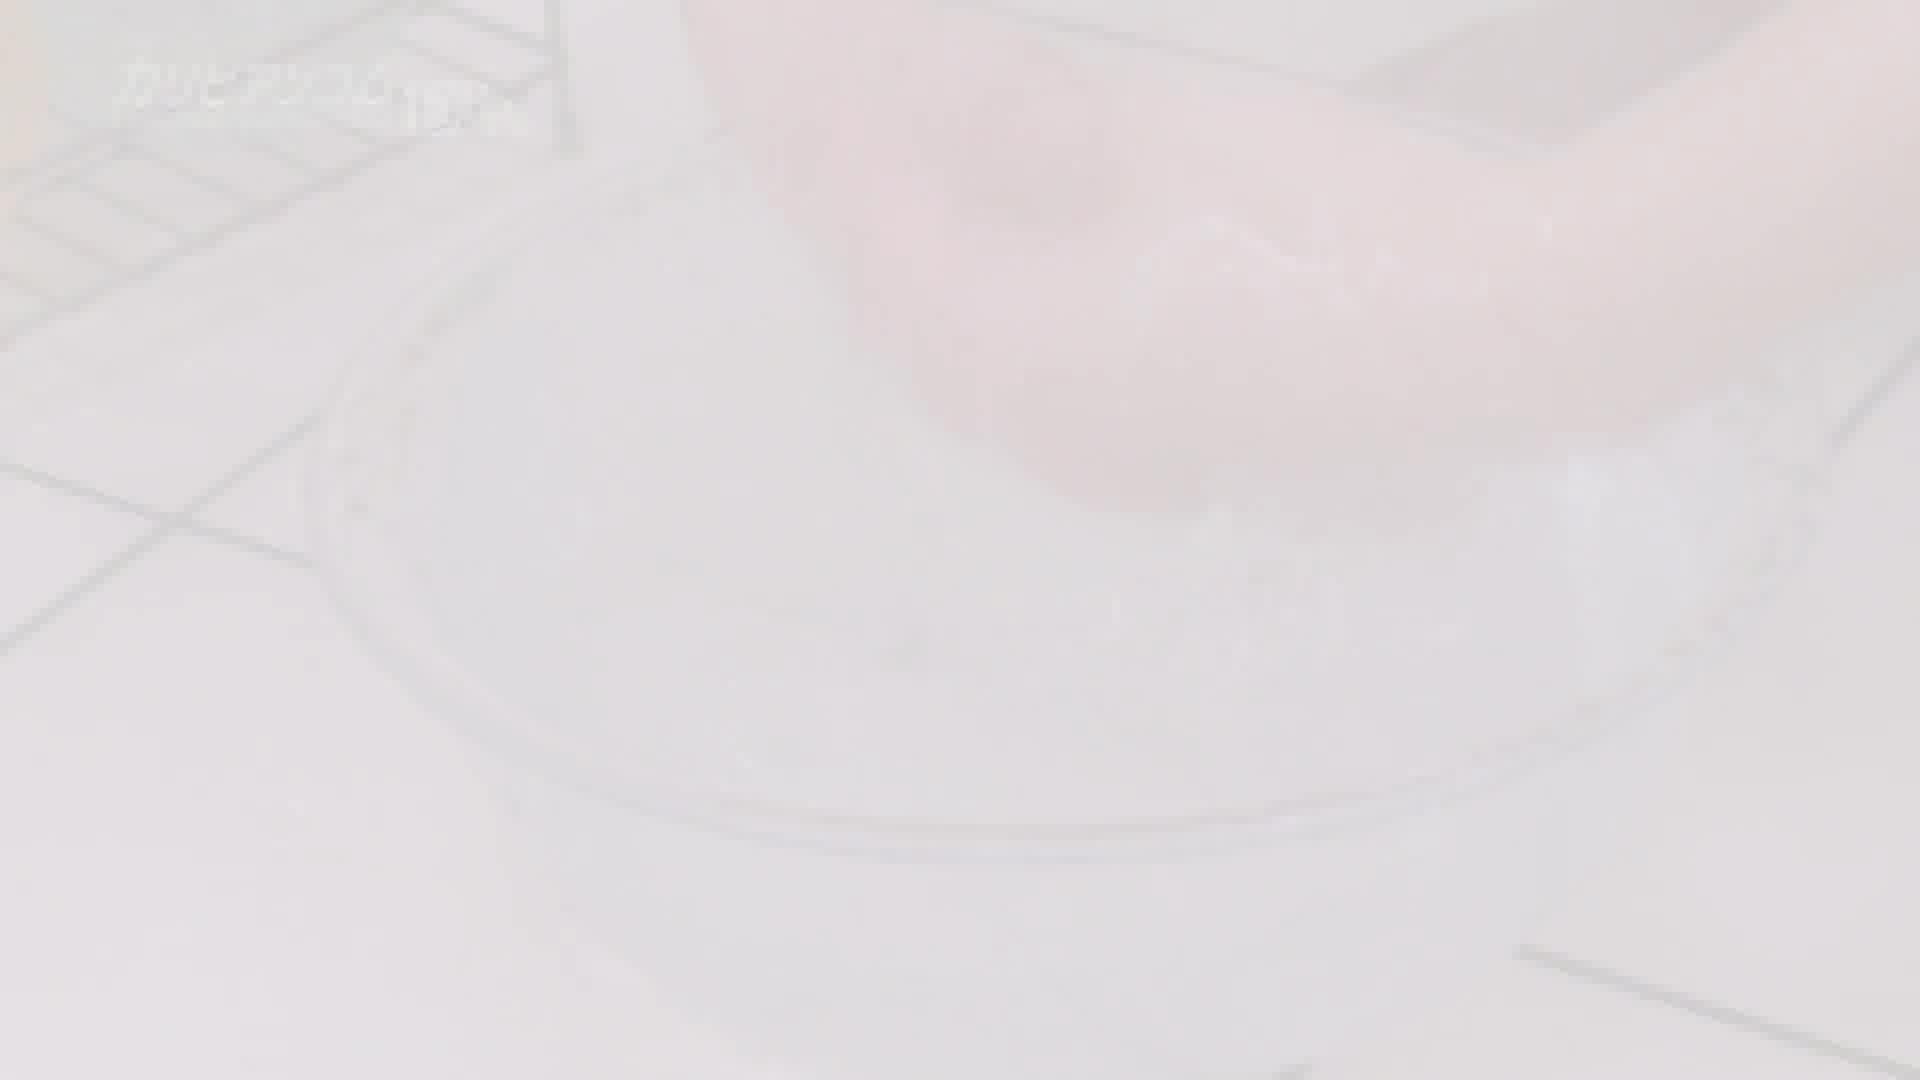 極上泡姫物語 Vol.43 - 麻生希【巨乳・パイズリ・ごっくん】